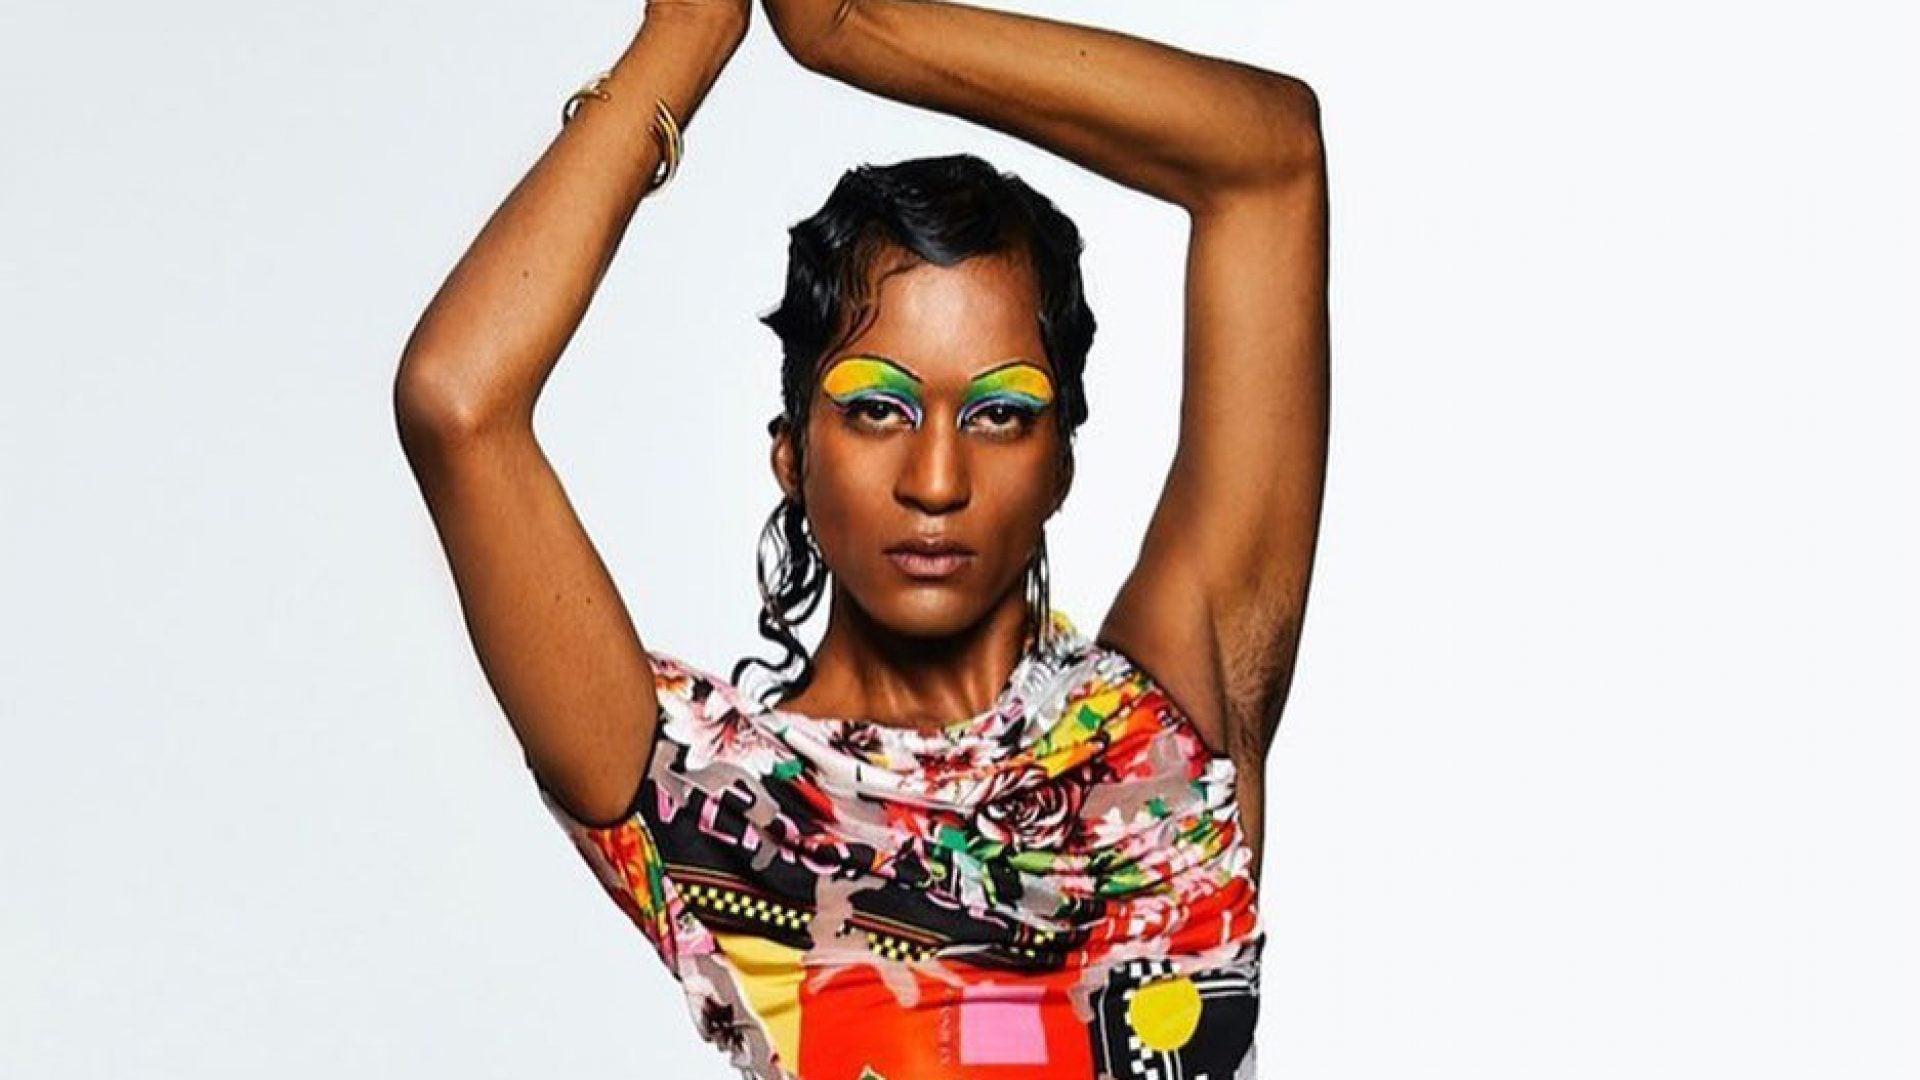 GANNI Announces Black Trans Lives Project